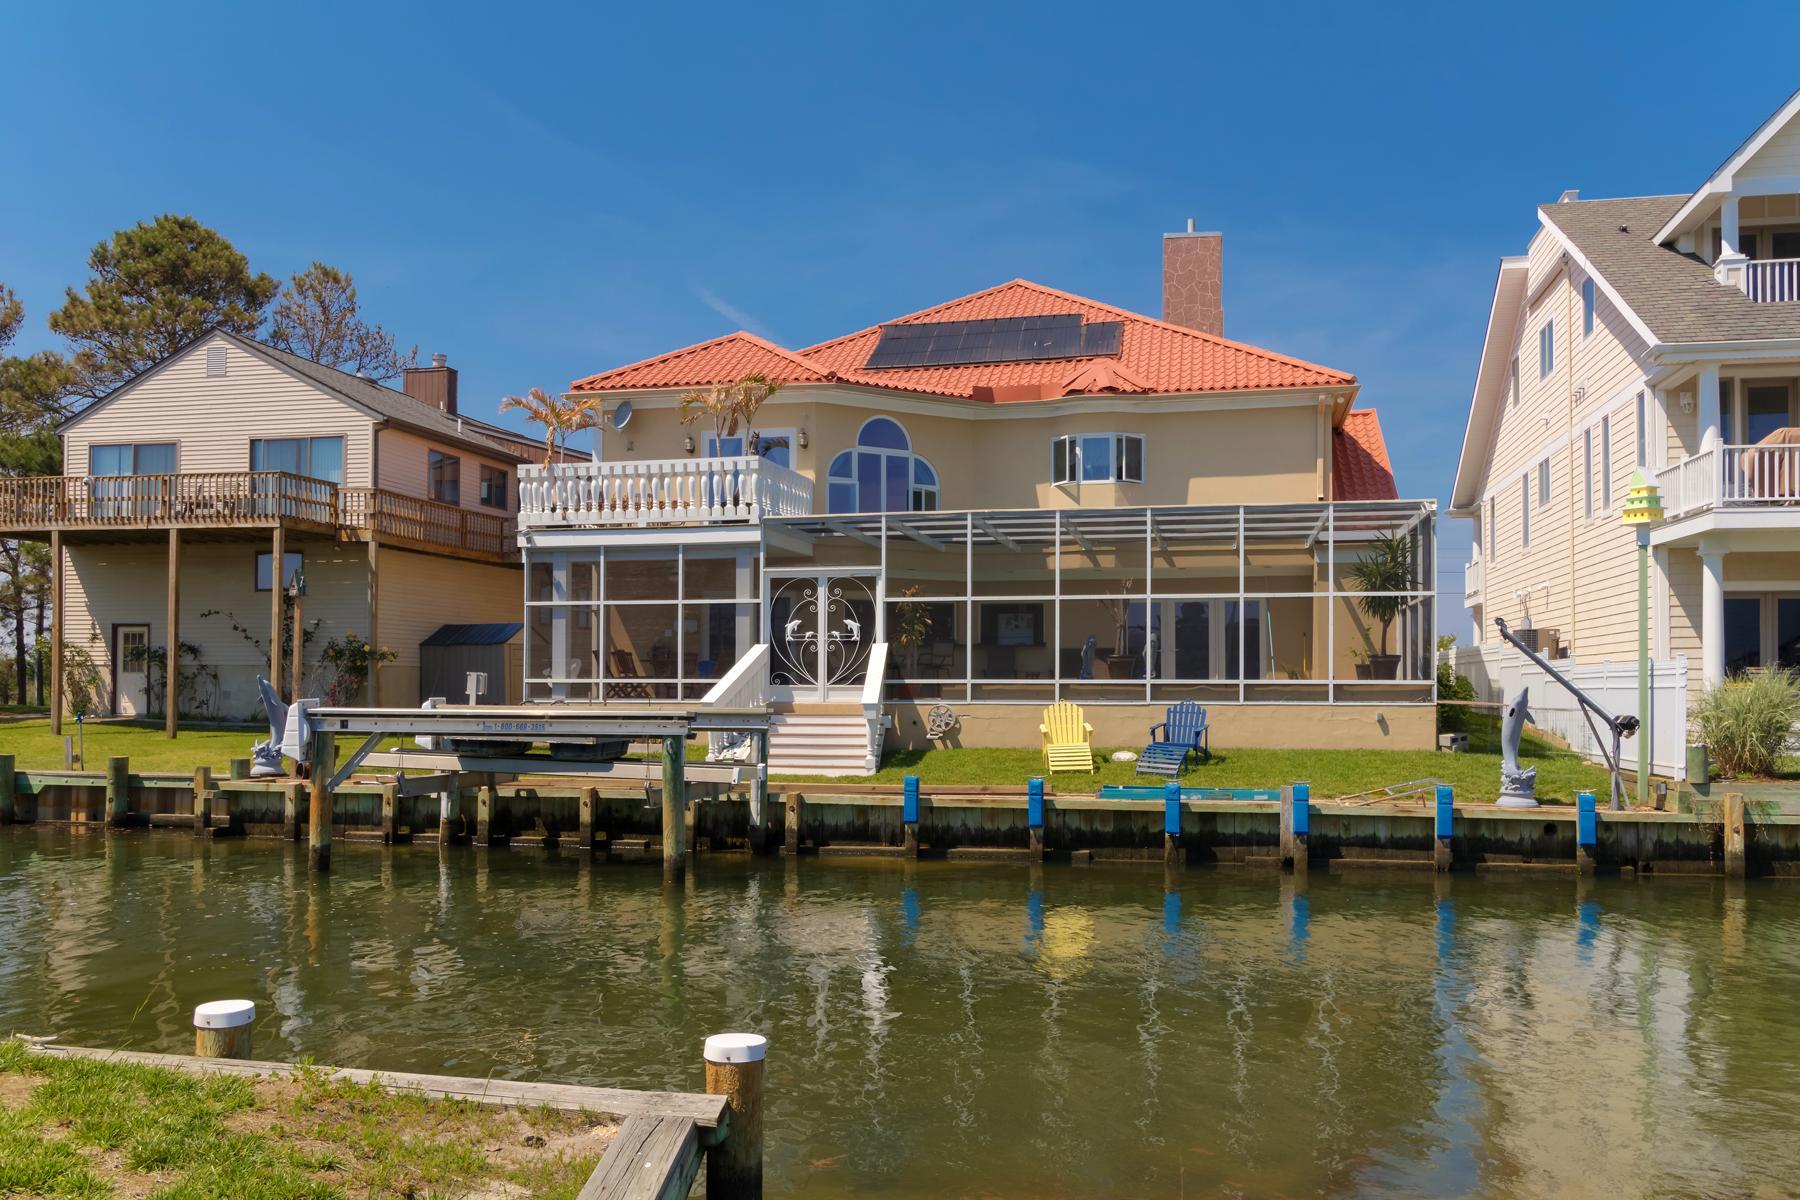 Частный односемейный дом для того Продажа на 12608 Selsey Rd, Ocean City, MD 21842 Ocean City, Мэриленд 21842 Соединенные Штаты